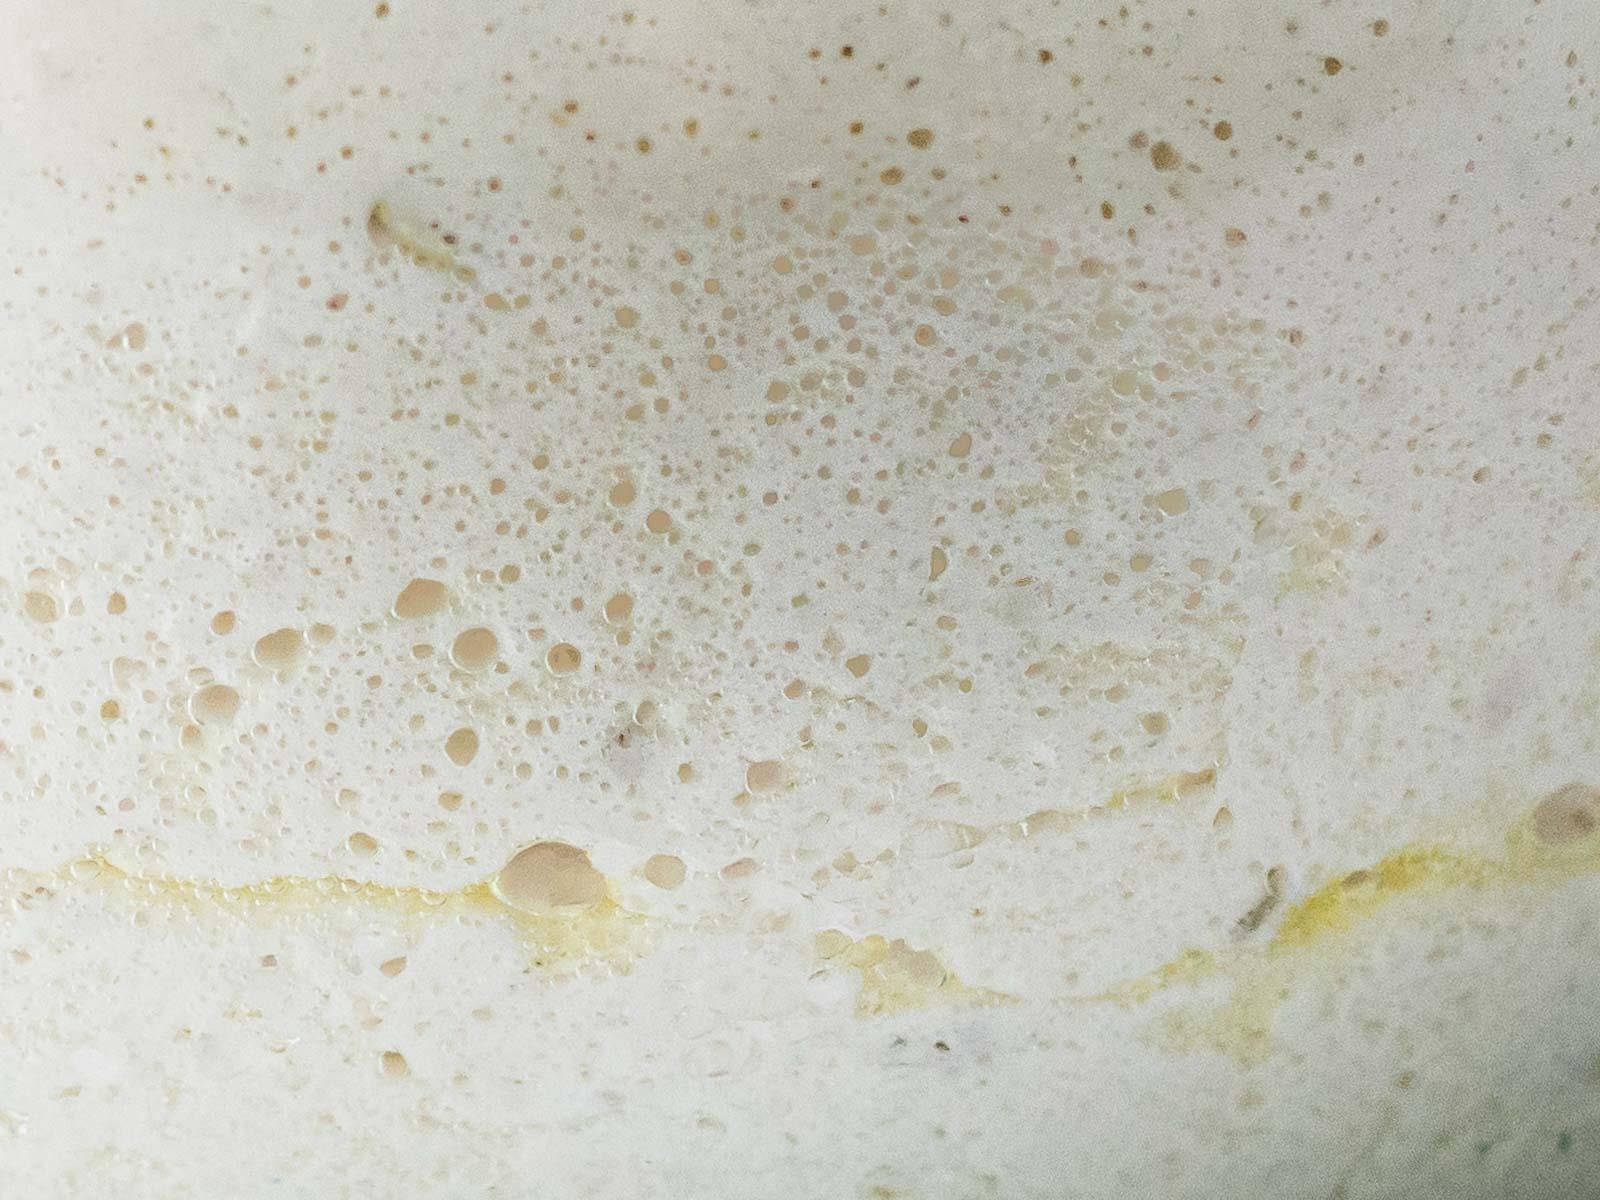 close up of sourdough focaccia dough after bulk fermentation